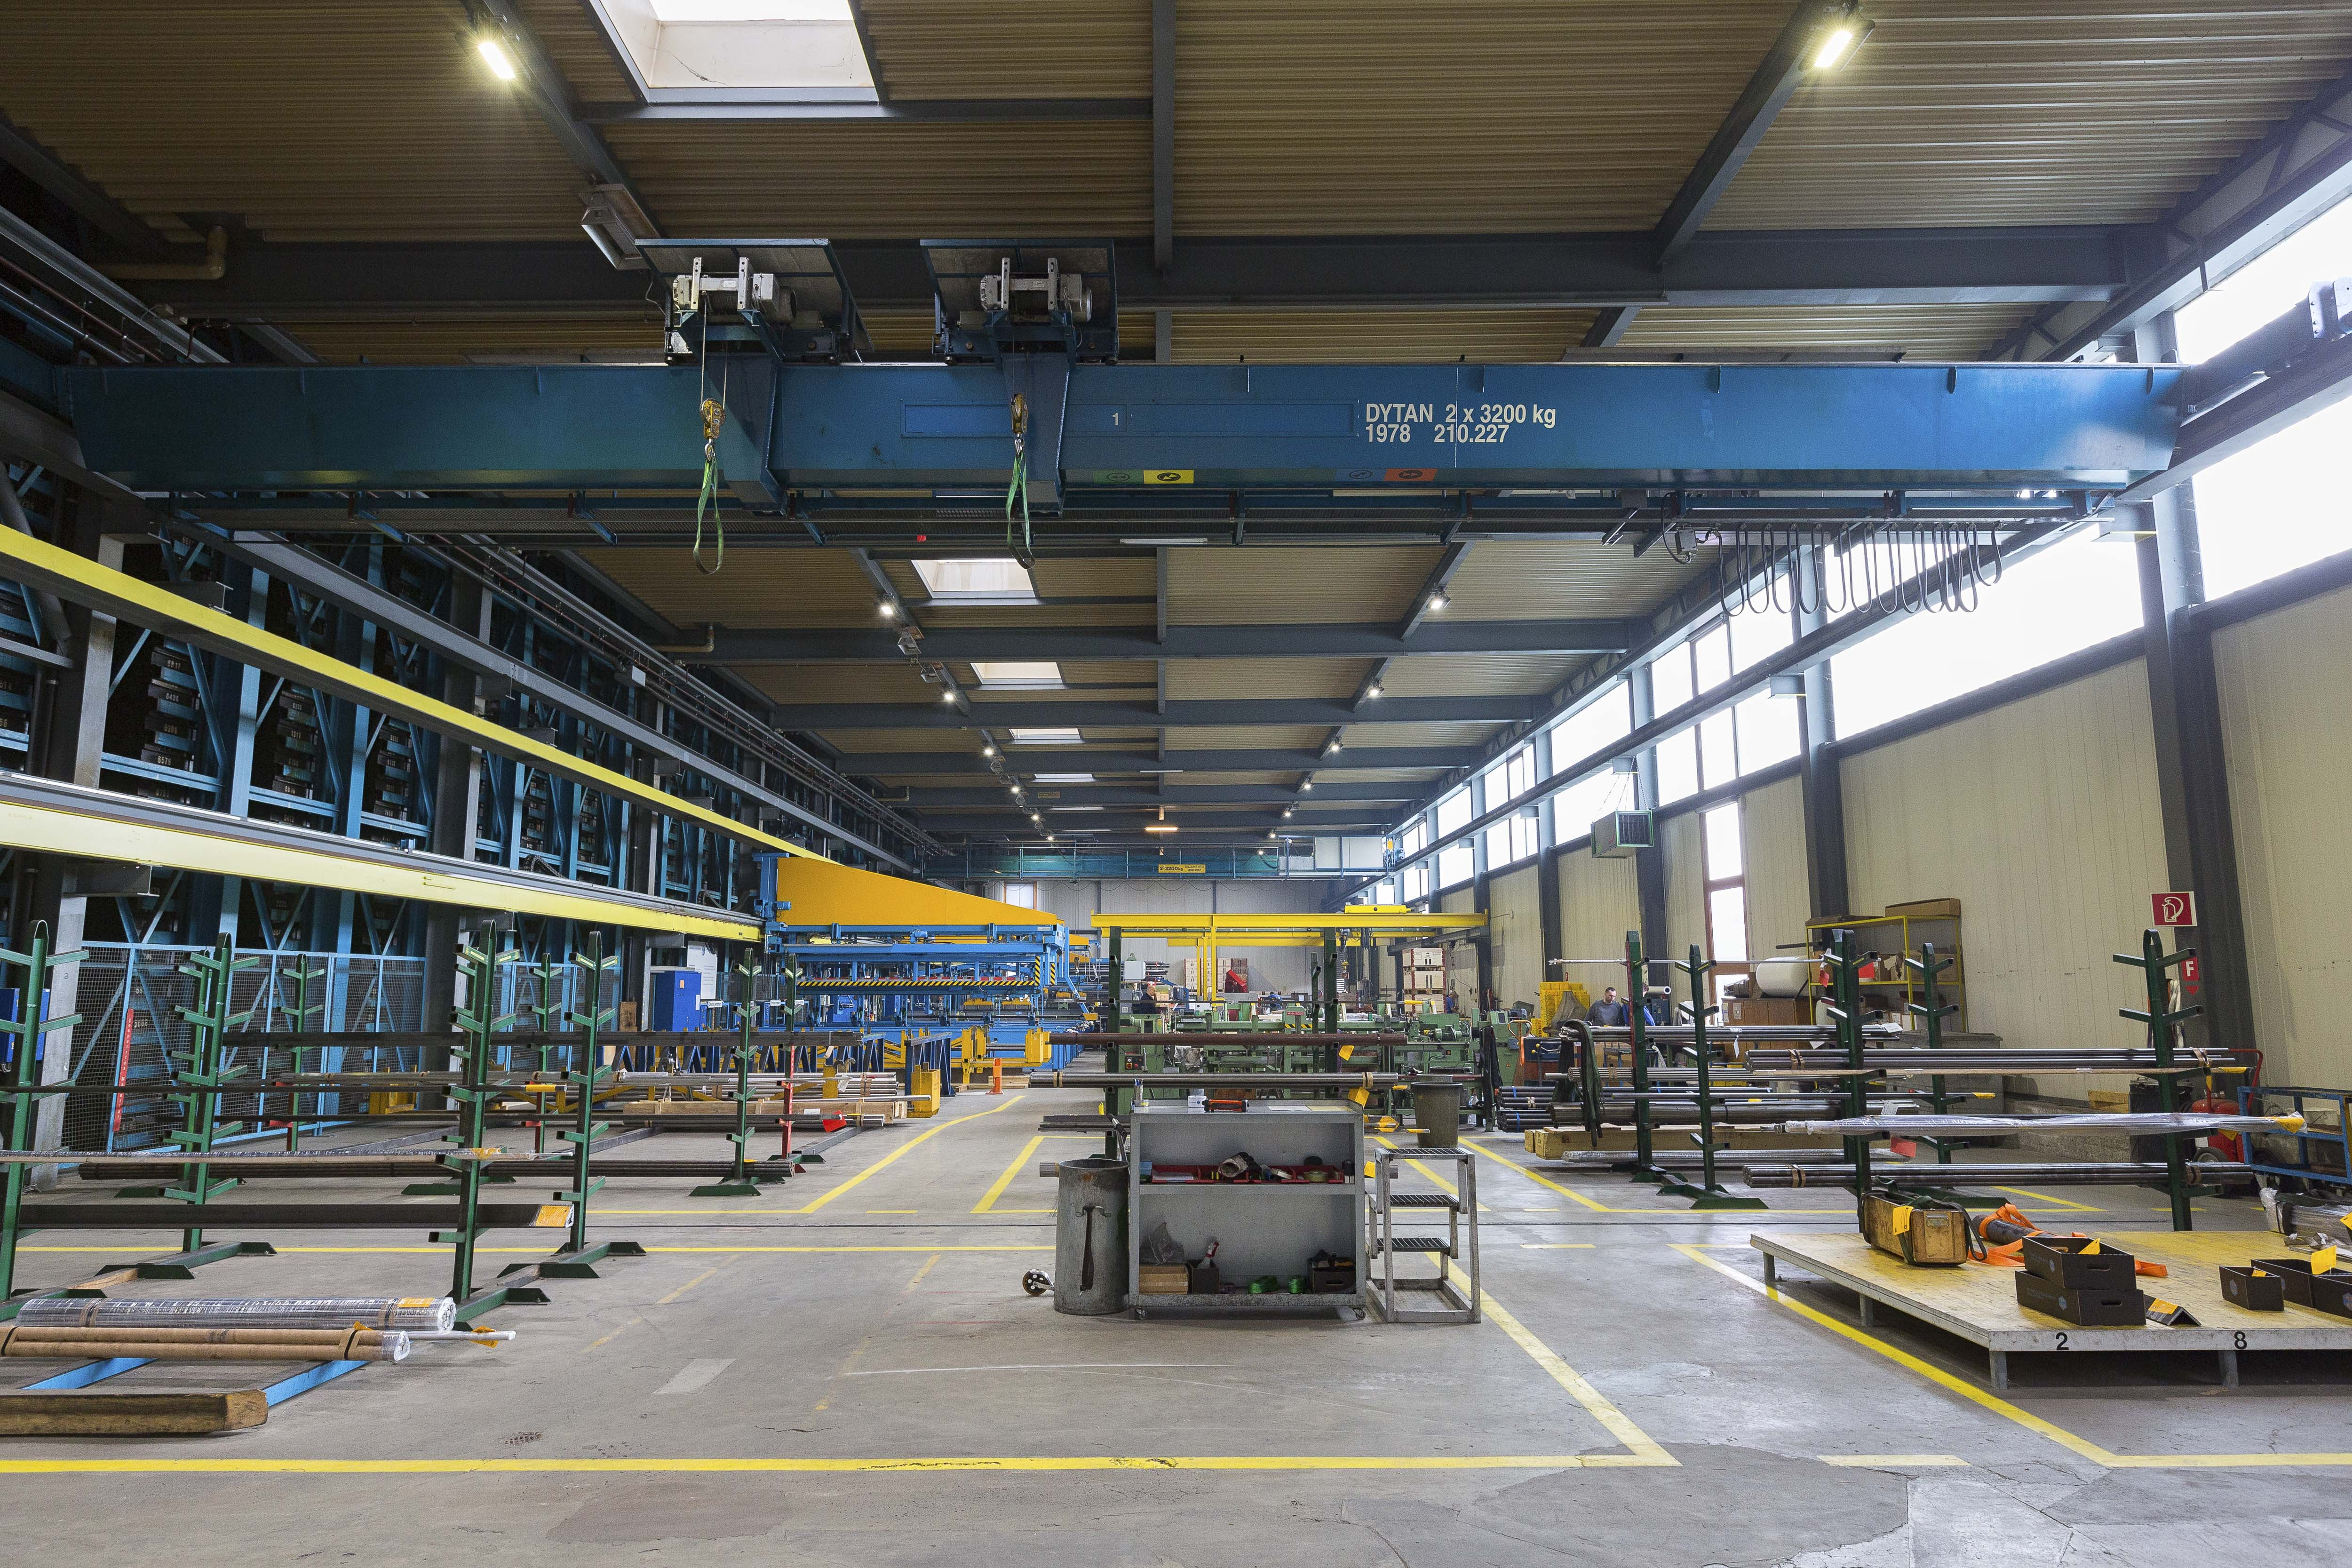 Bild der Industriehalle der Schmolz + Bickenbach AG in Bronschhofen